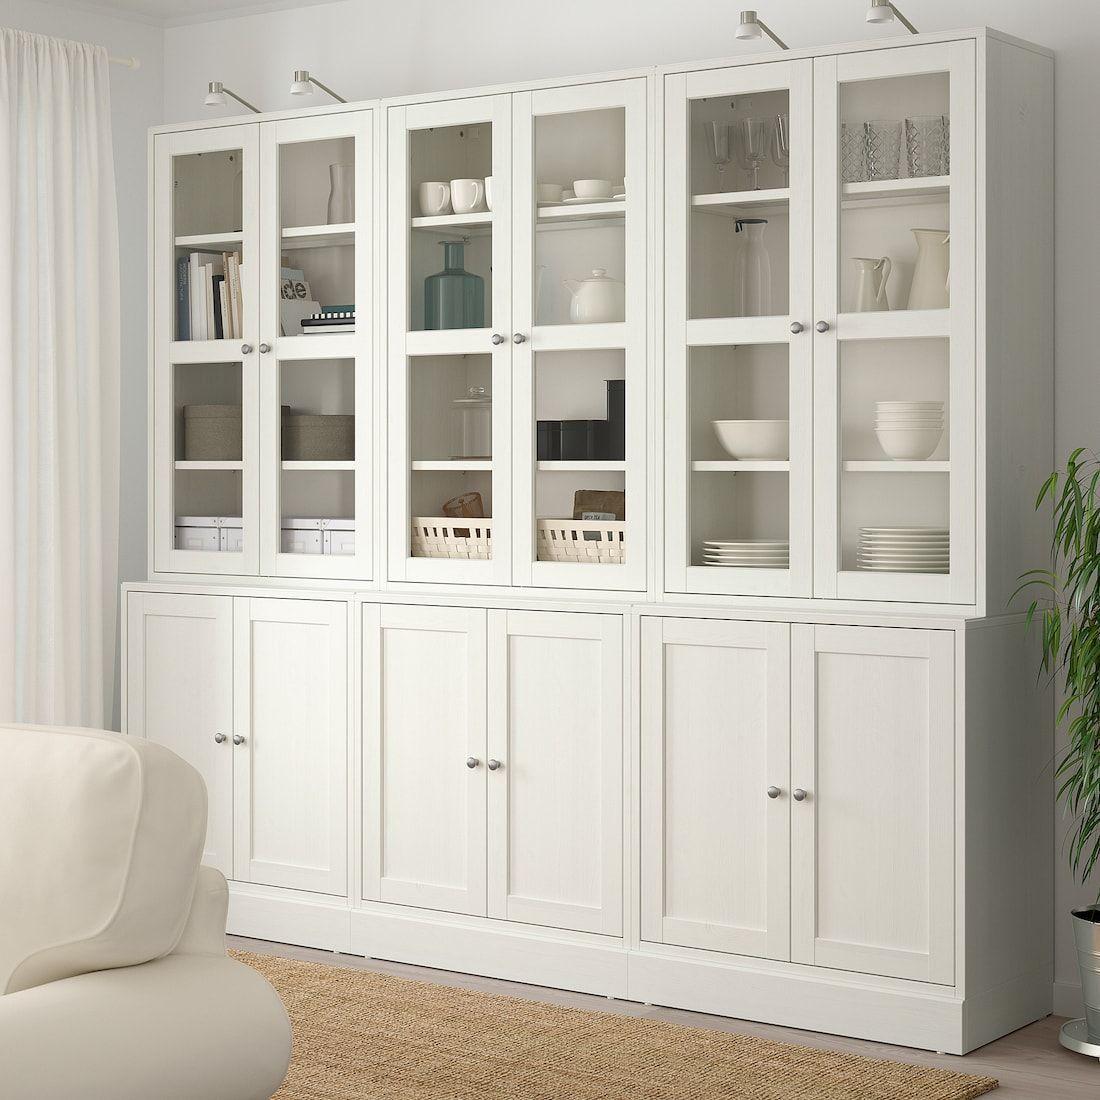 Havsta Storage Combination W Glass Doors White 95 5 8x18 1 2x83 1 2 Ikea Dining Room Storage Ikea Dining Room Glass Cabinet Doors